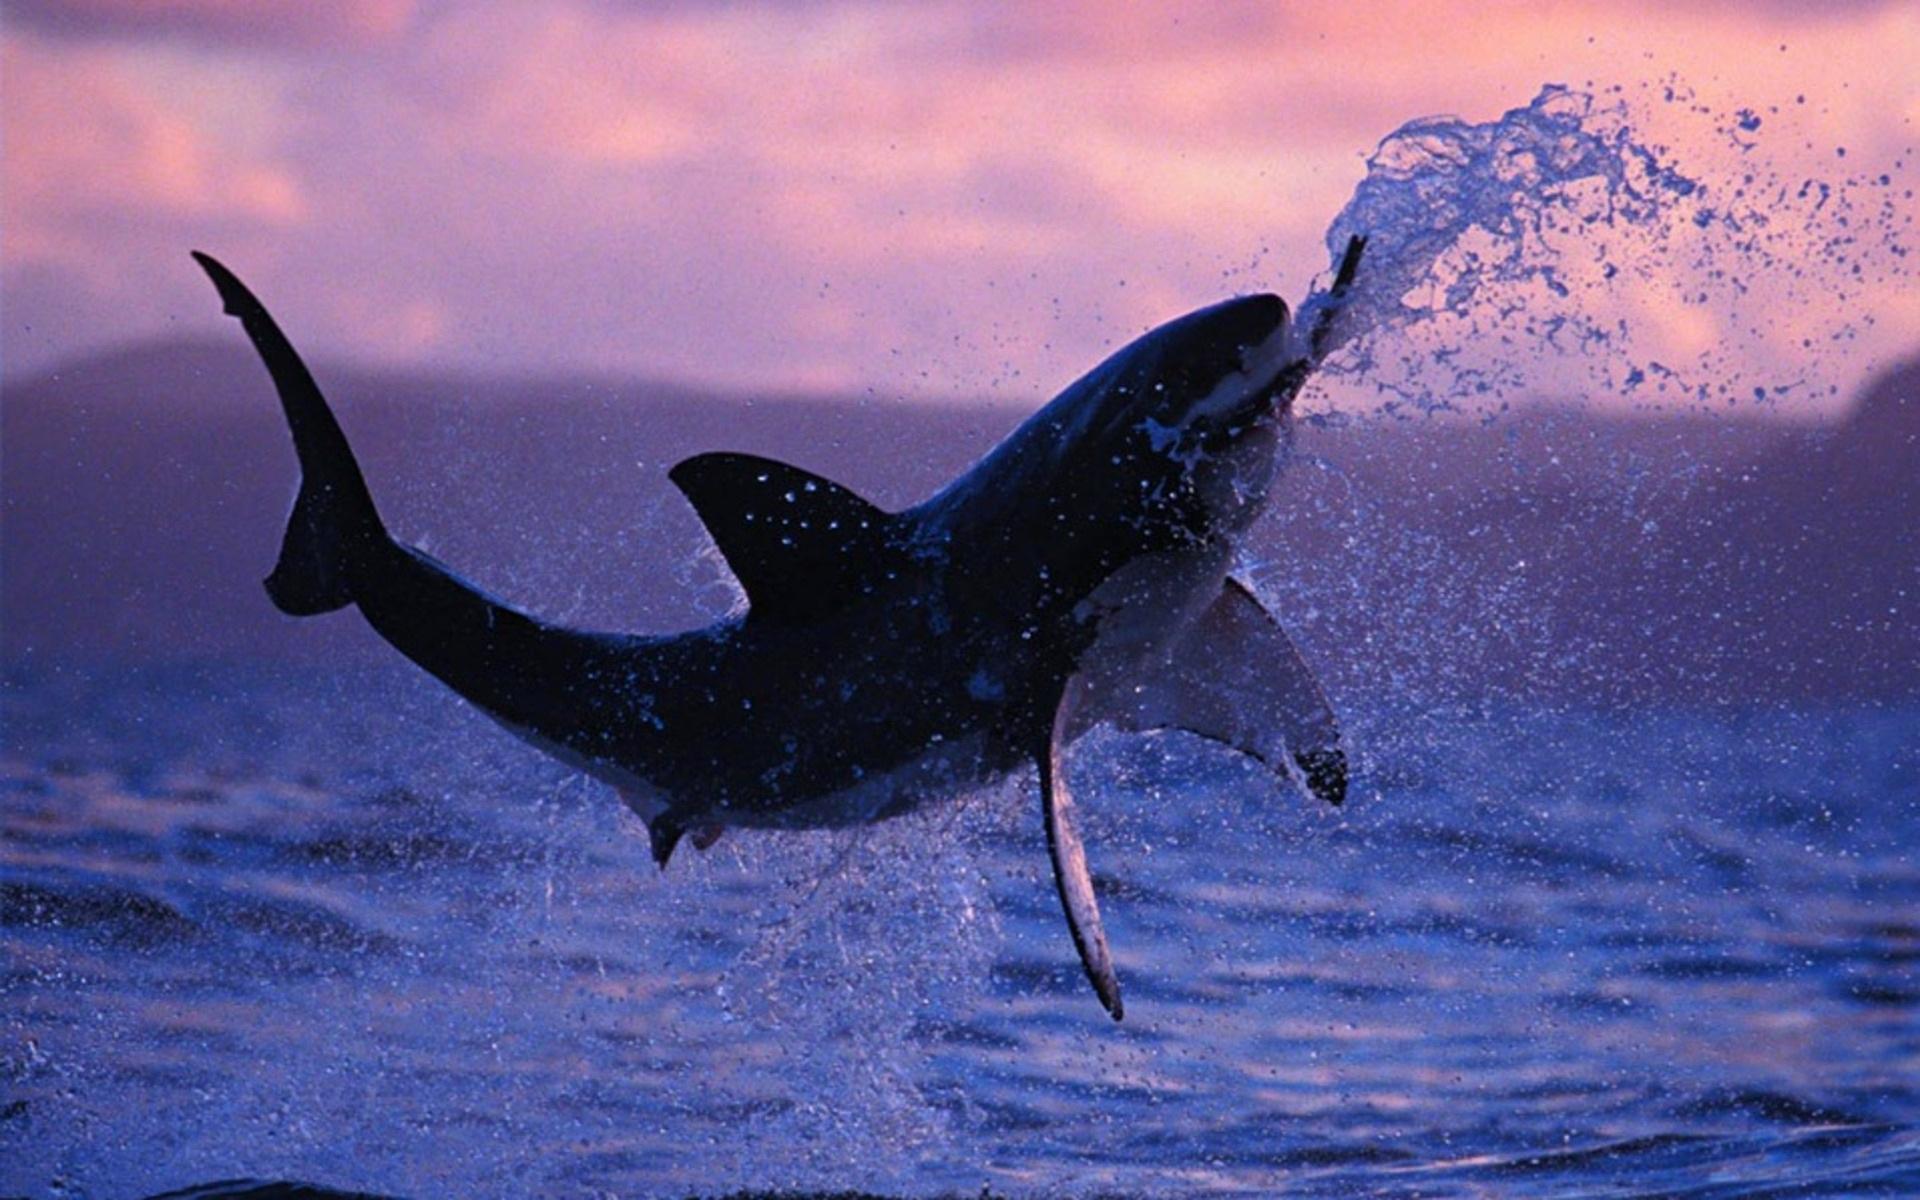 壁纸 动物 海洋动物 鲸鱼 桌面 1920_1200